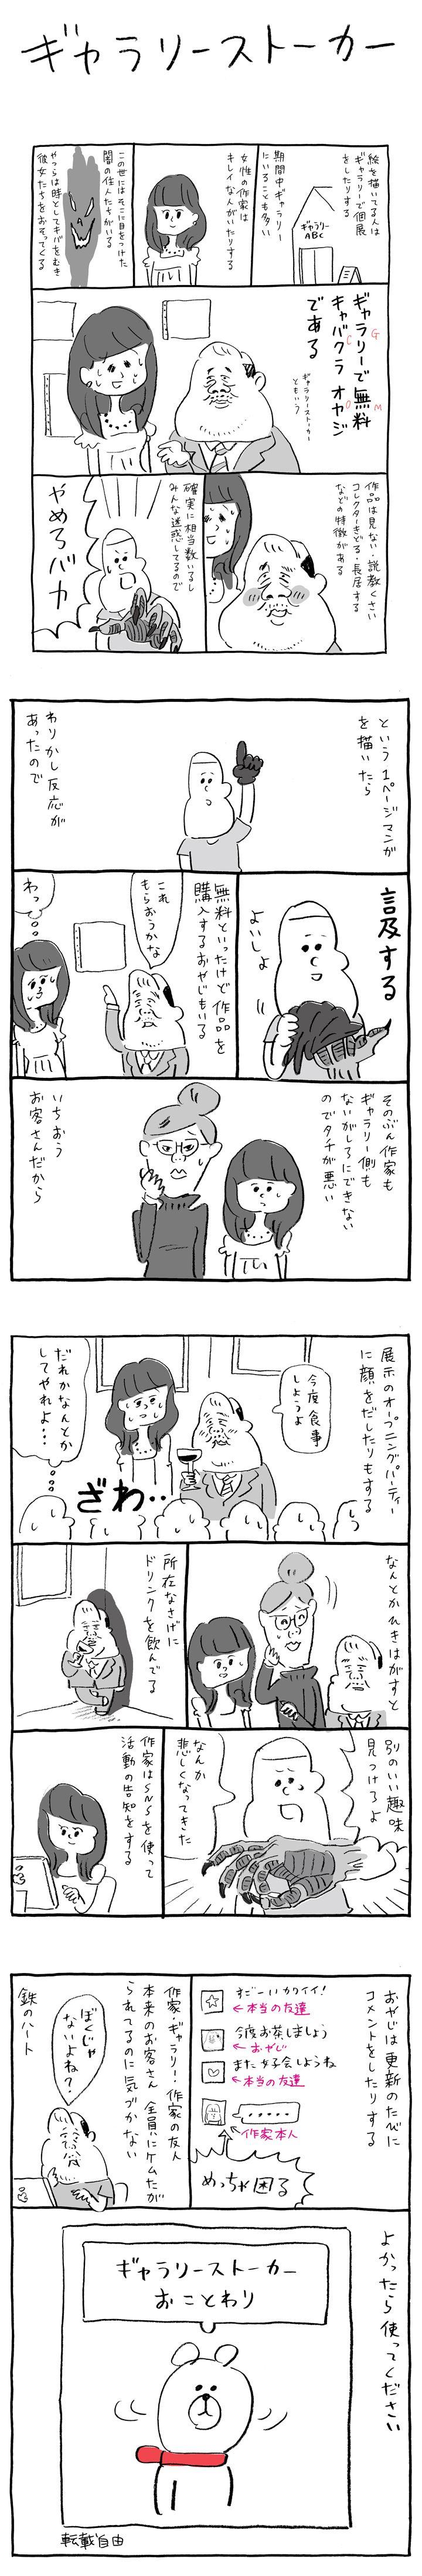 koyama14_R